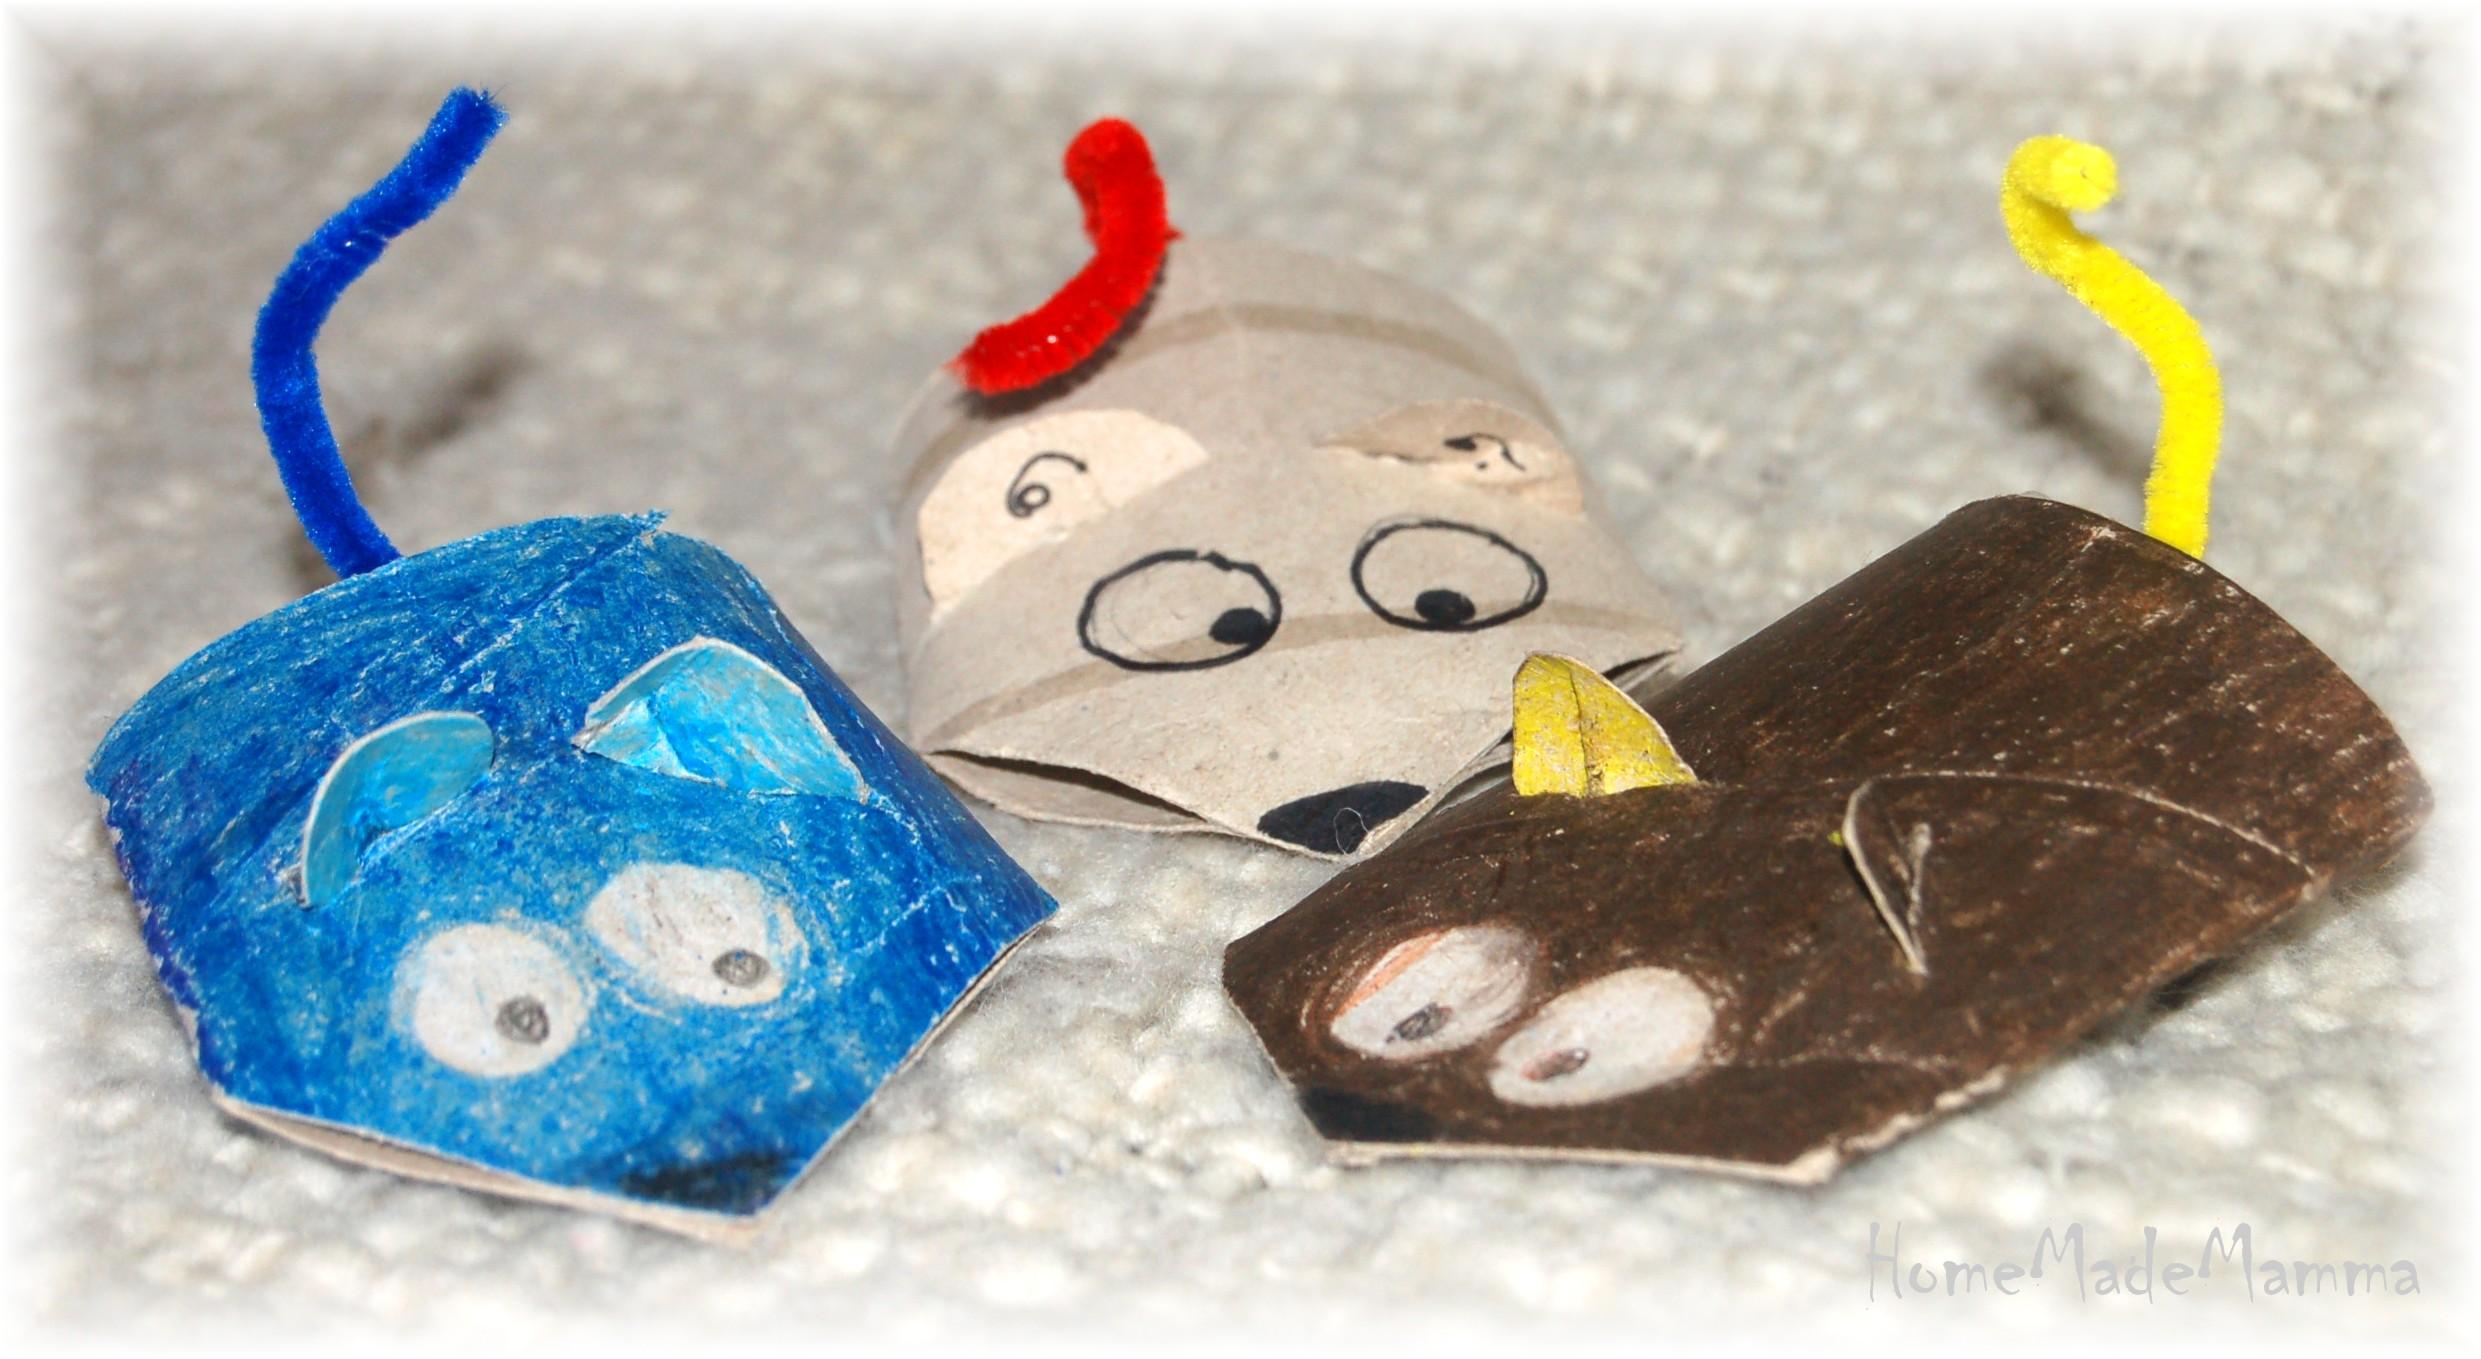 Top il topolino creare giochiattoli con cartone